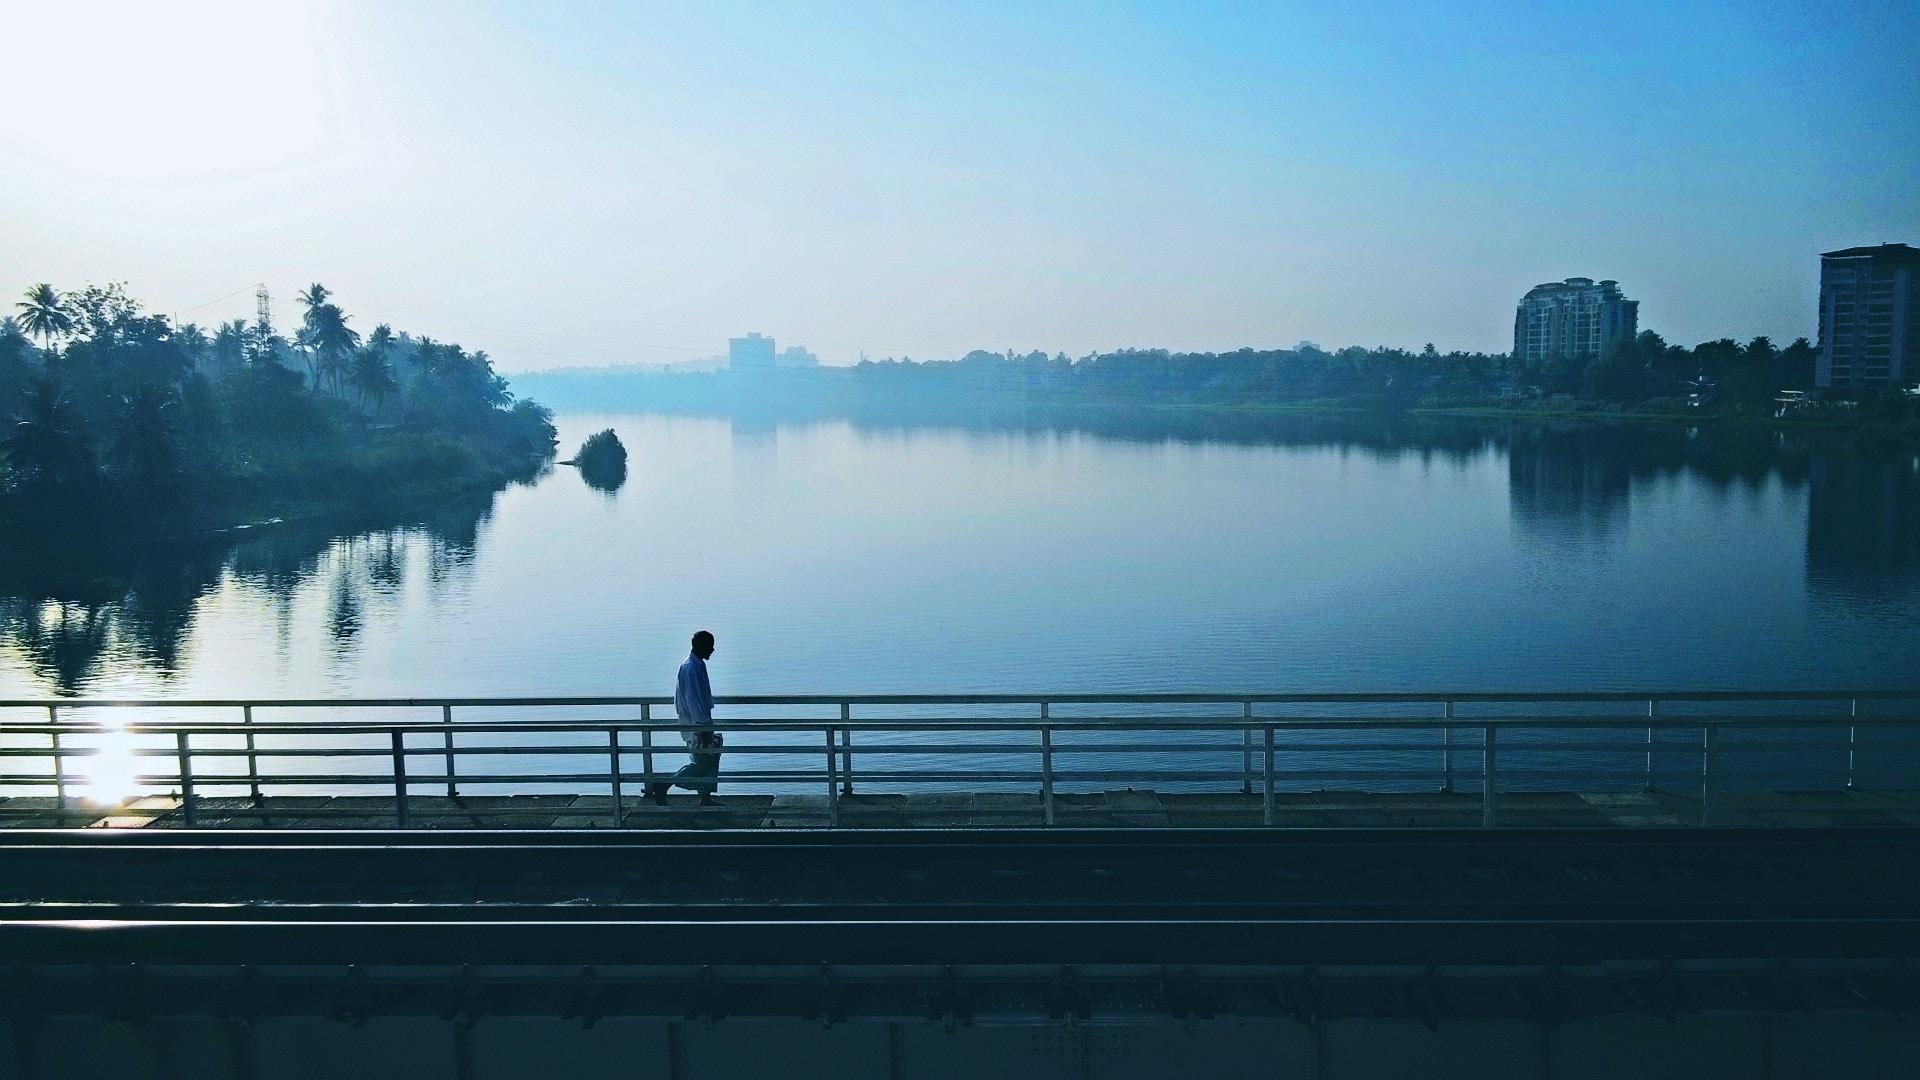 person walking on bridge near body of water